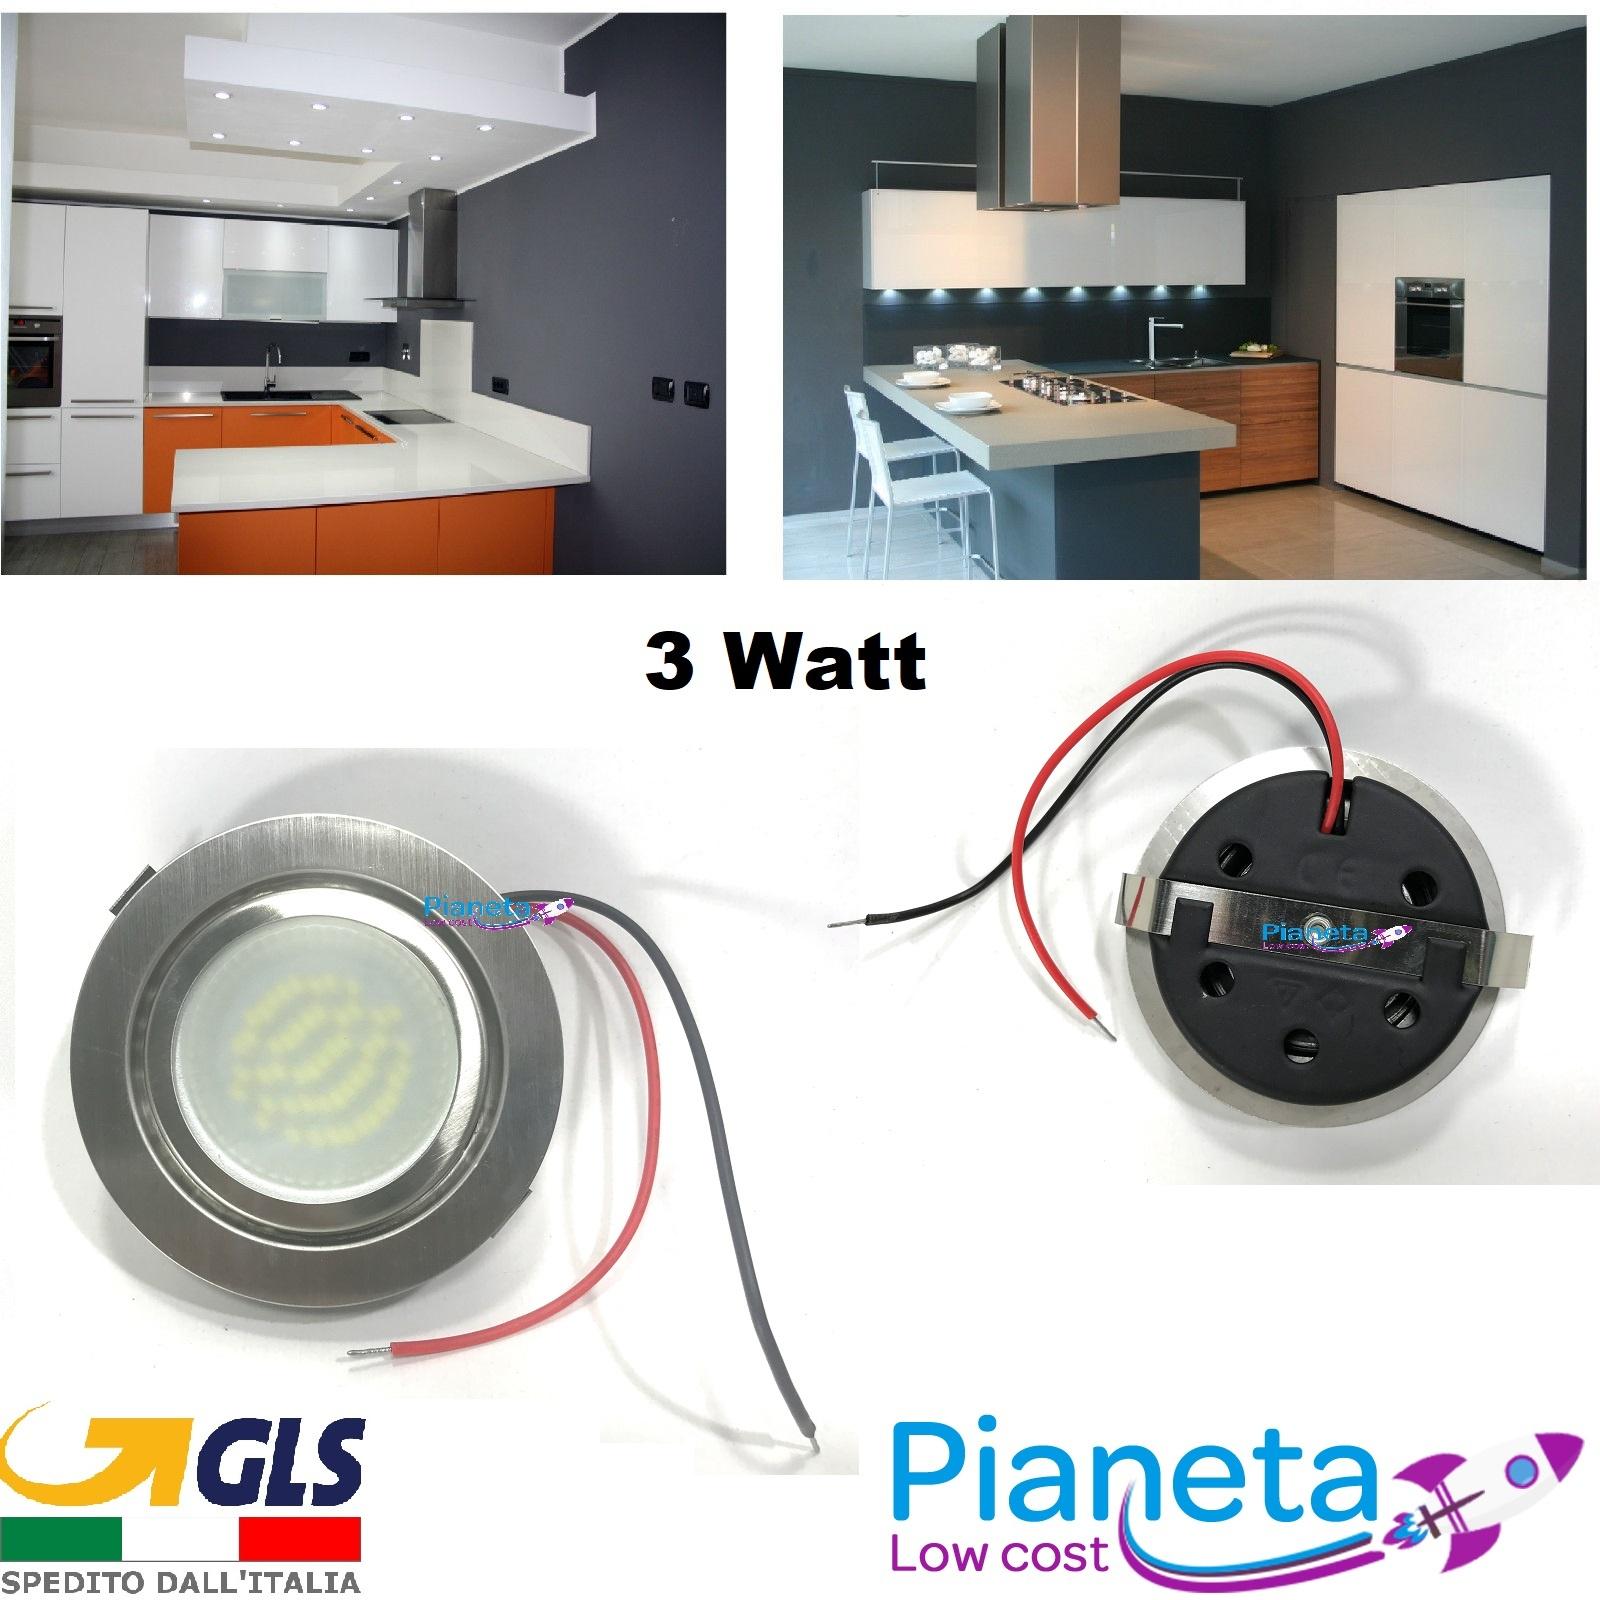 Faretto LED satinato incasso Cappa Cucina circolare 3 Watt ...